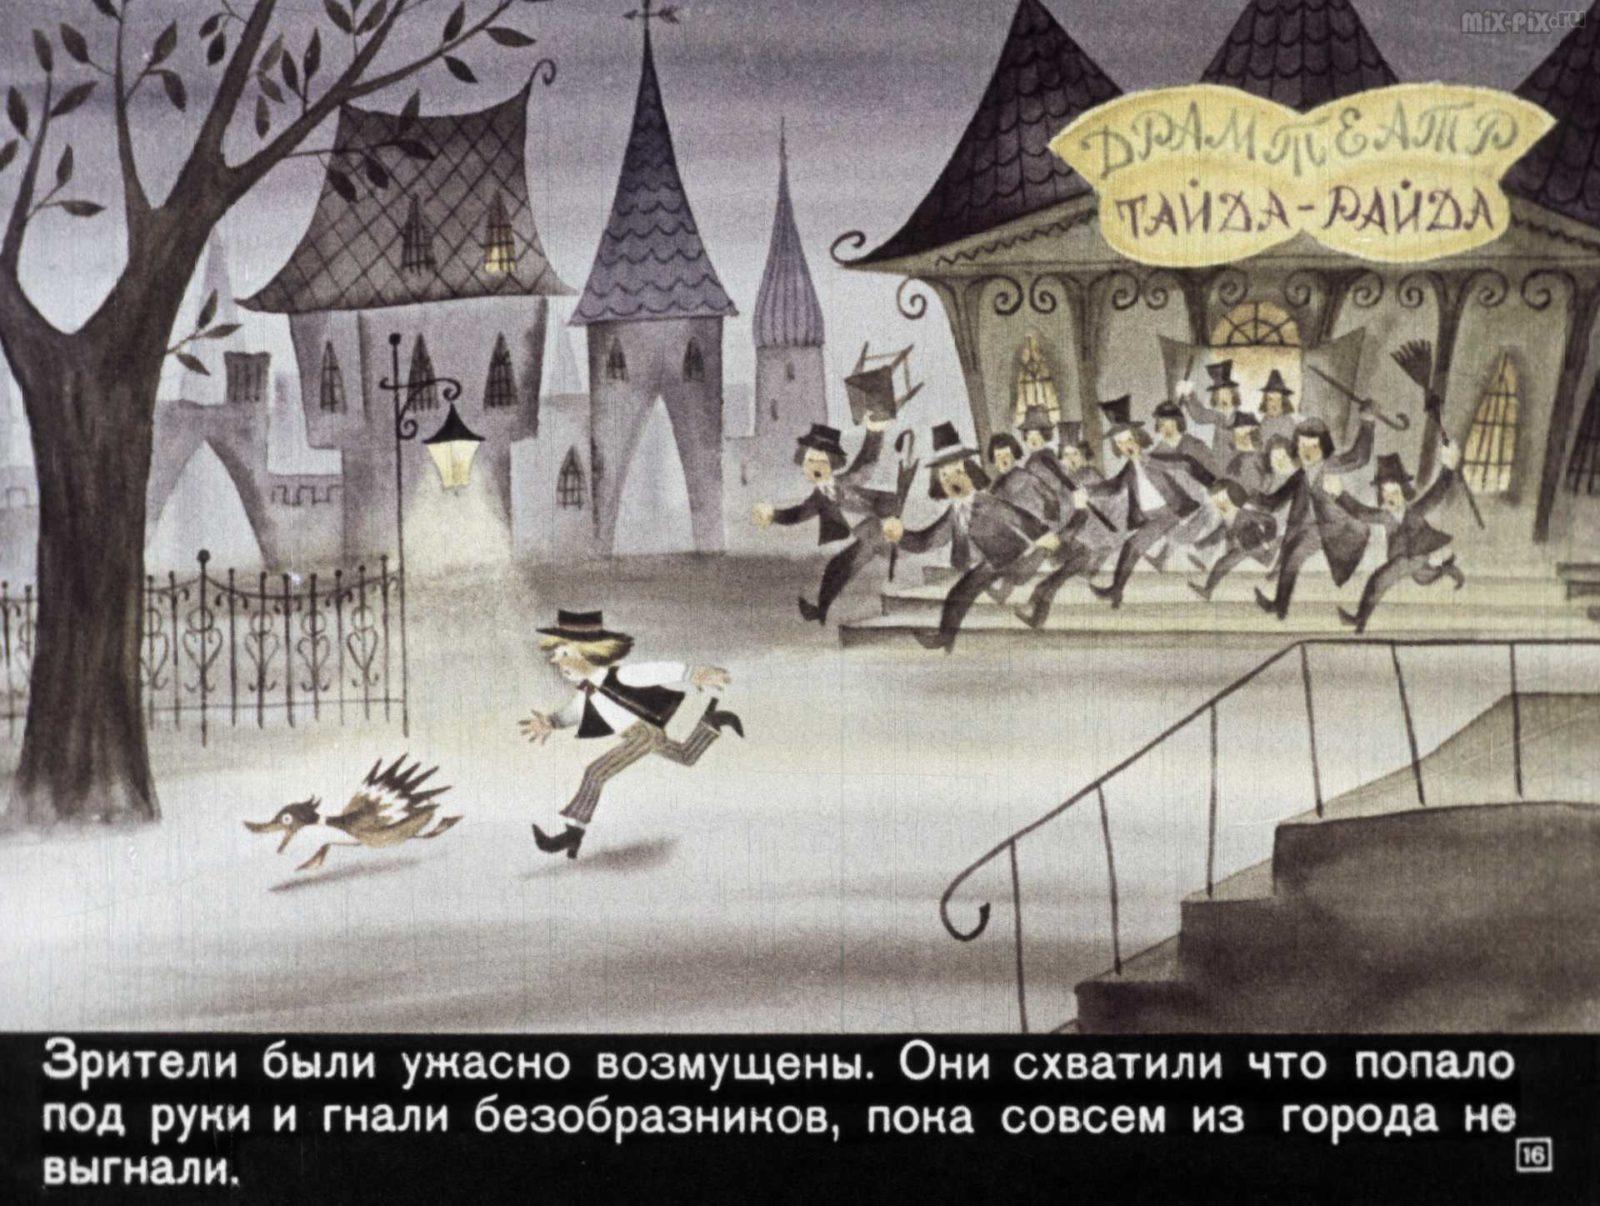 Сапожник Копытко и утка Кря (1972) 47